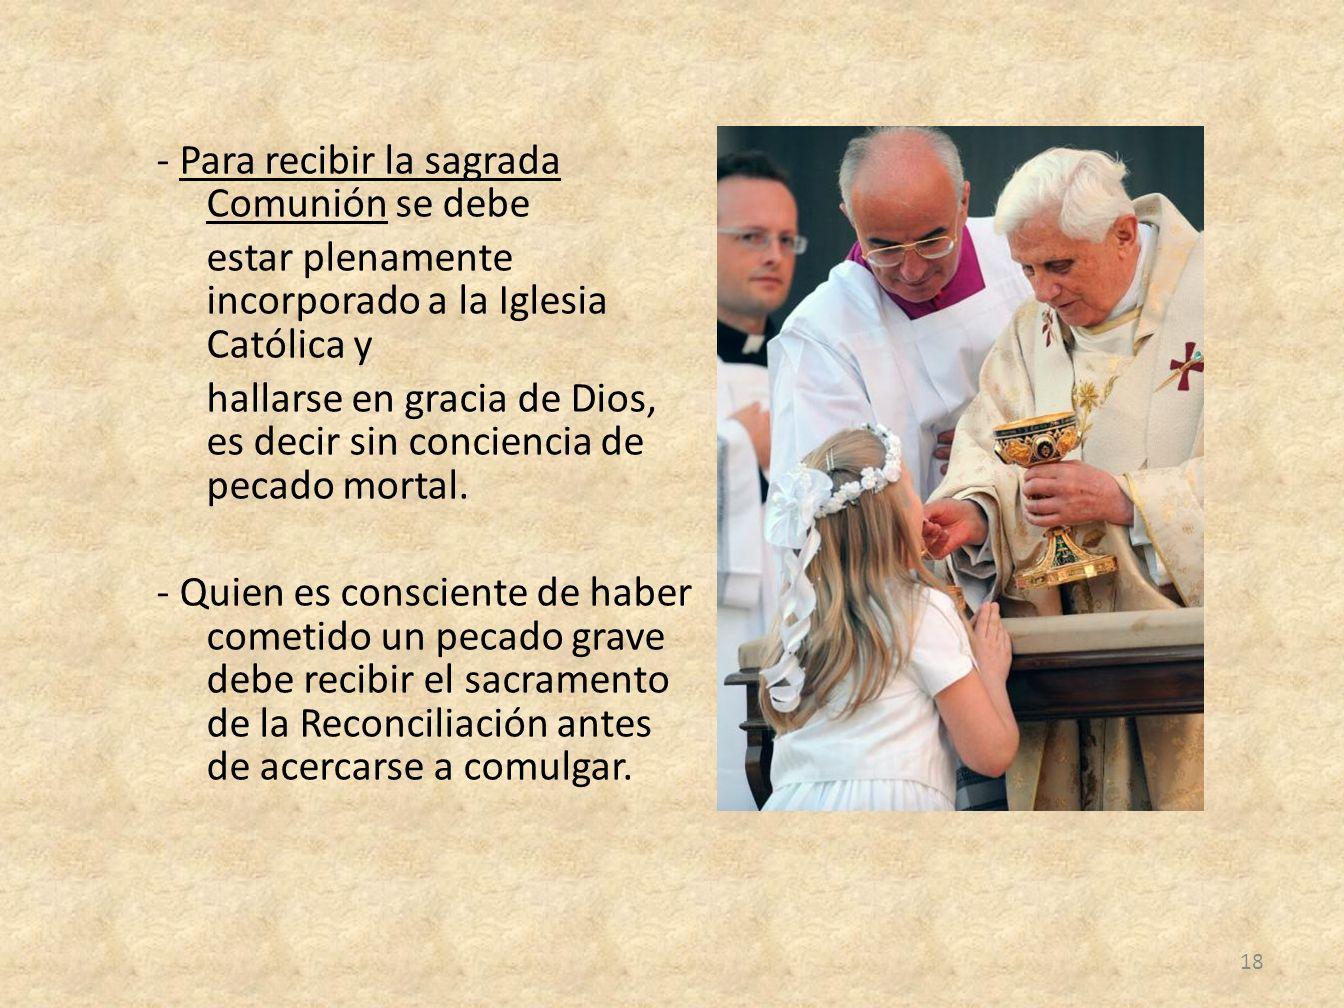 - Para recibir la sagrada Comunión se debe estar plenamente incorporado a la Iglesia Católica y hallarse en gracia de Dios, es decir sin conciencia de